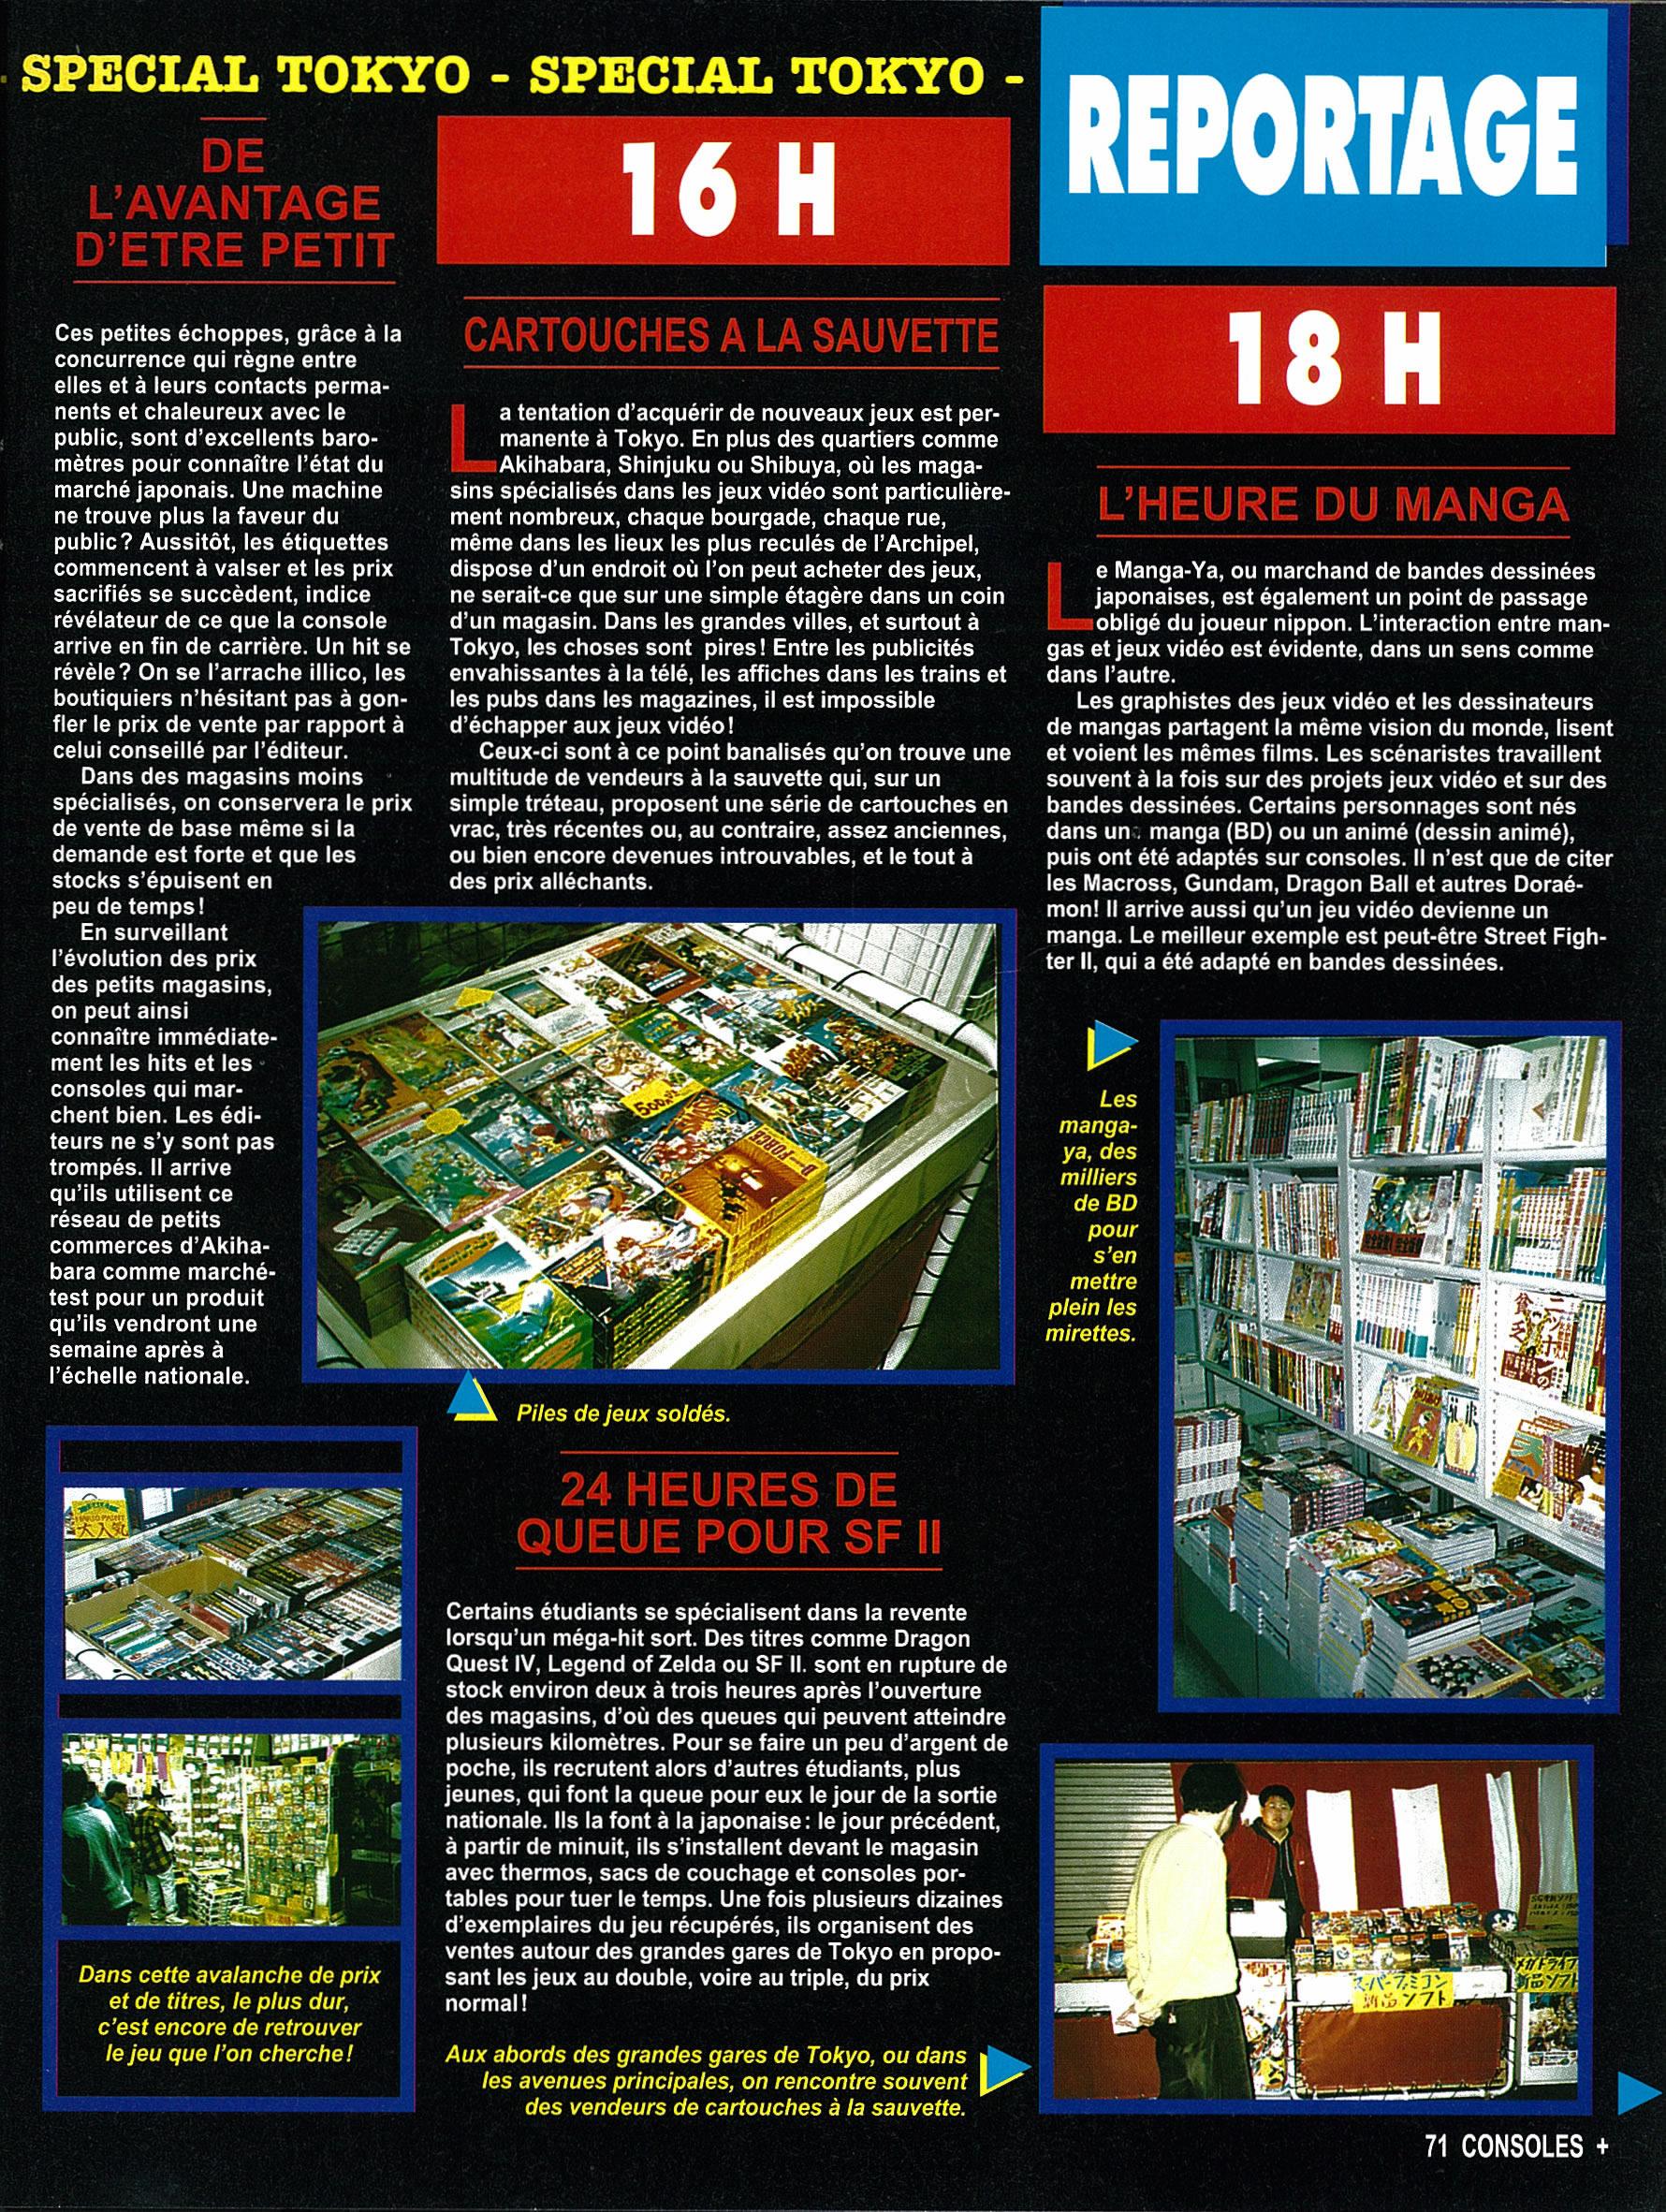 LE JAPON ! j'y étais !!! - Page 5 Consoles%20%2B%20021%20-%20Page%20071%20%28juin%201993%29